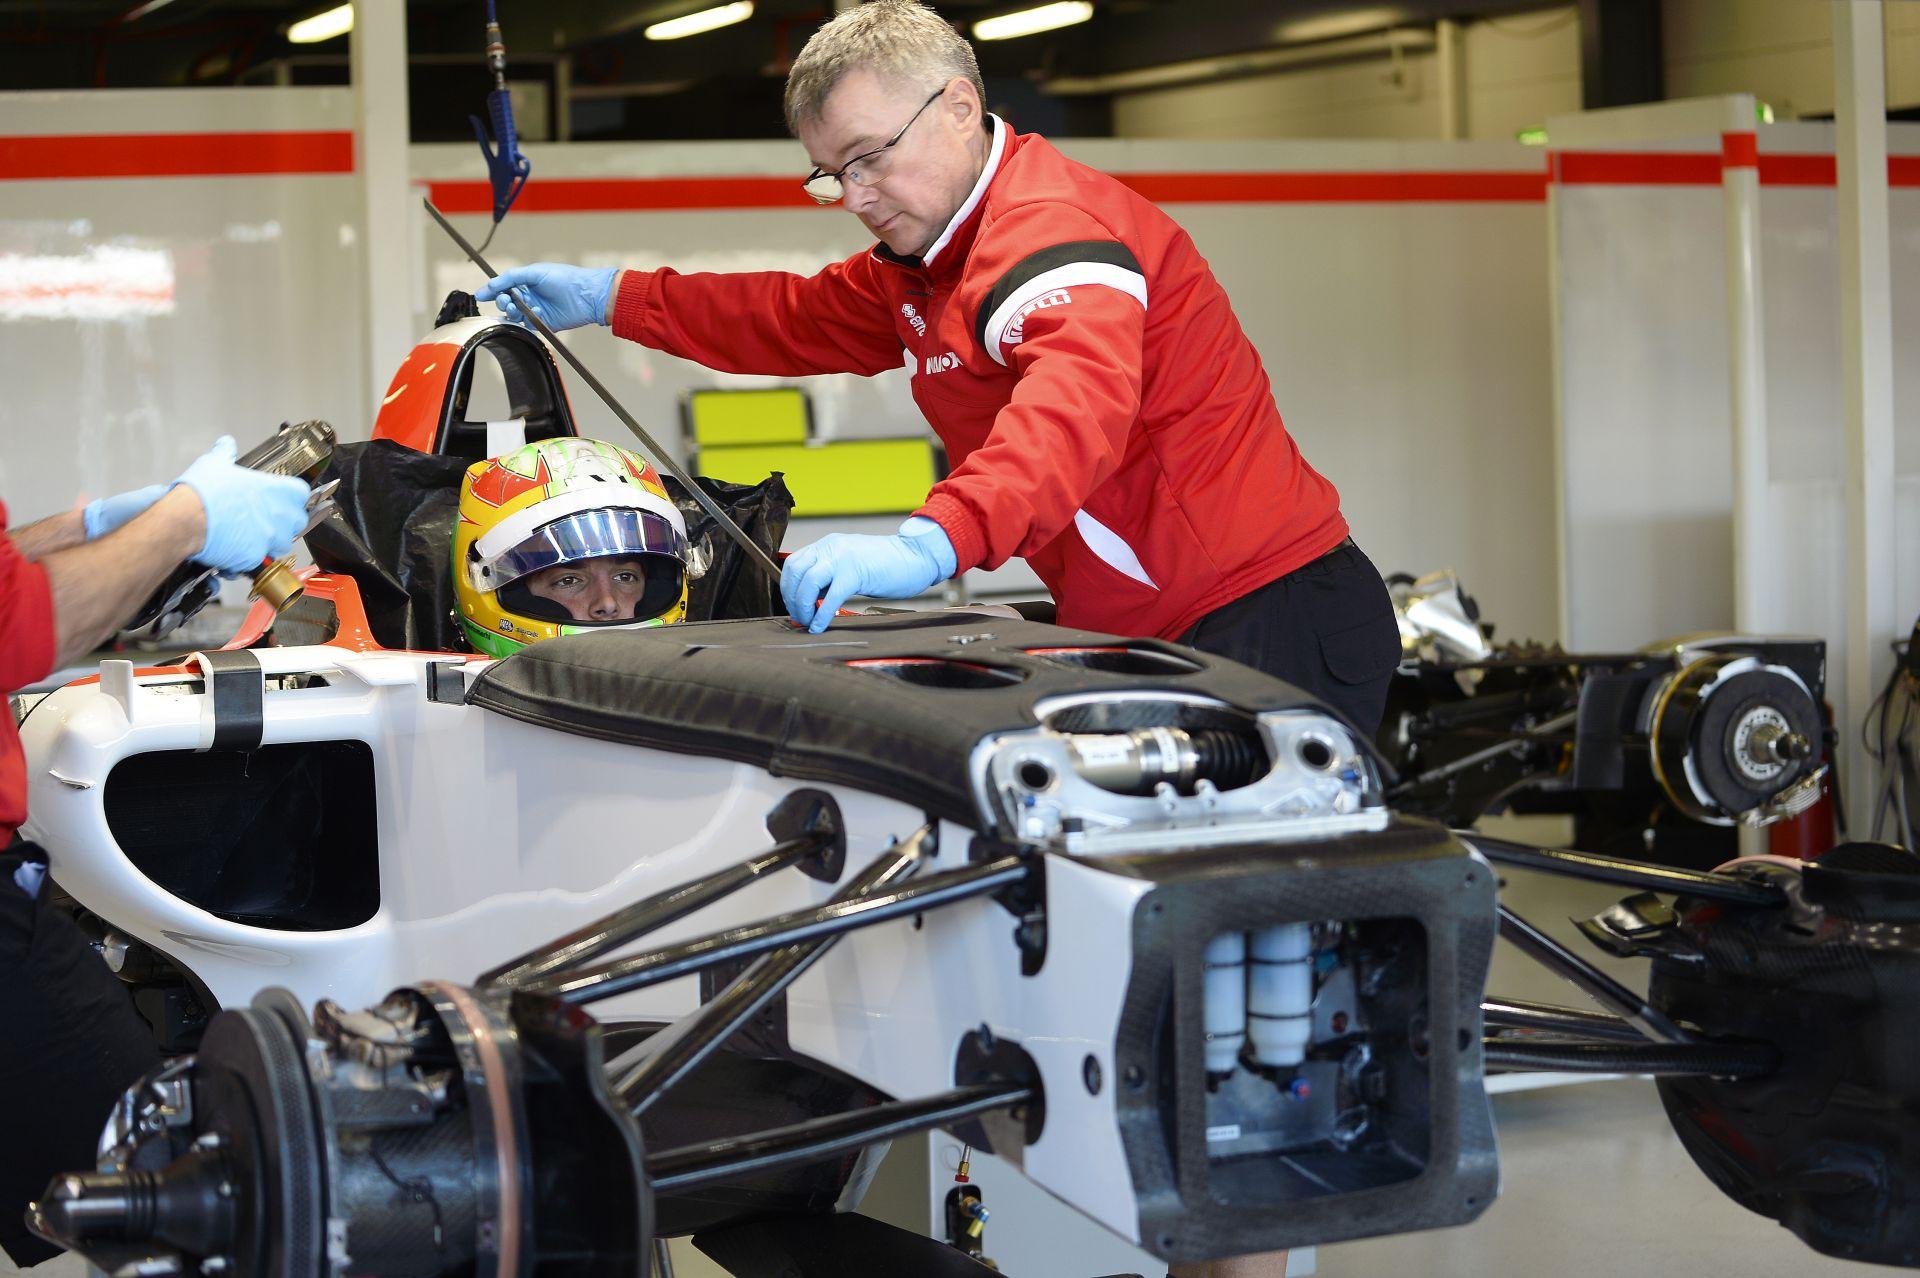 Szoftverproblémák miatt a Manor F1 Team Ausztráliában, Malajziában és Kínában is a pályán kívül maradhat